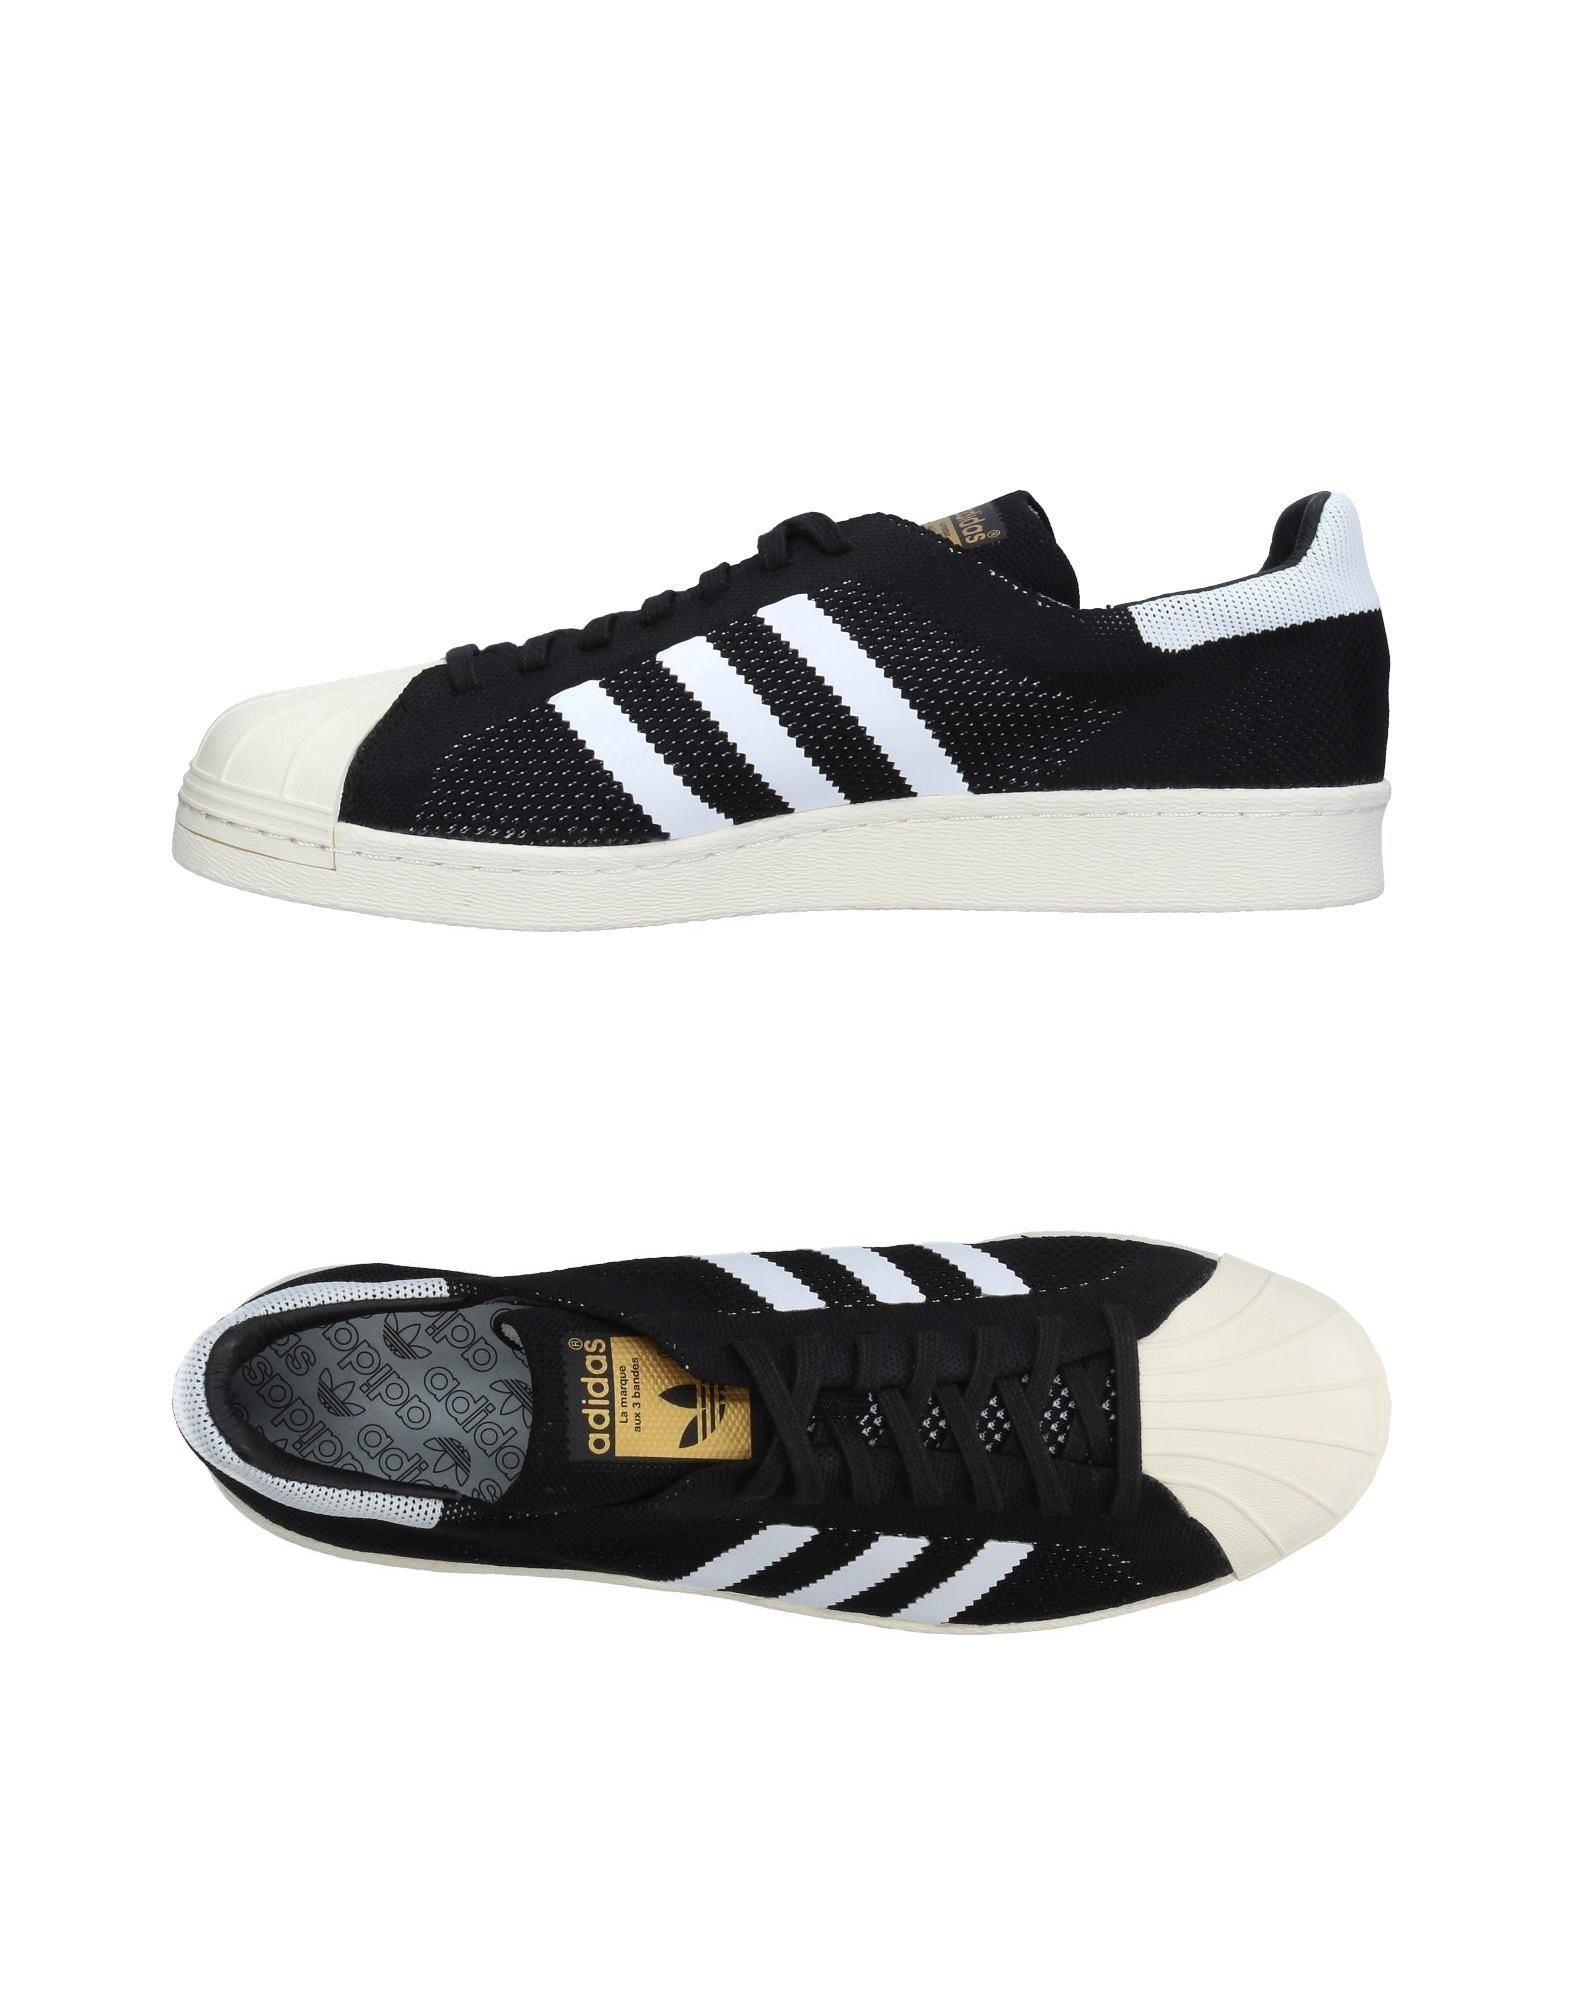 Turnscarpe Adidas Originals uomo - 11242301DJ